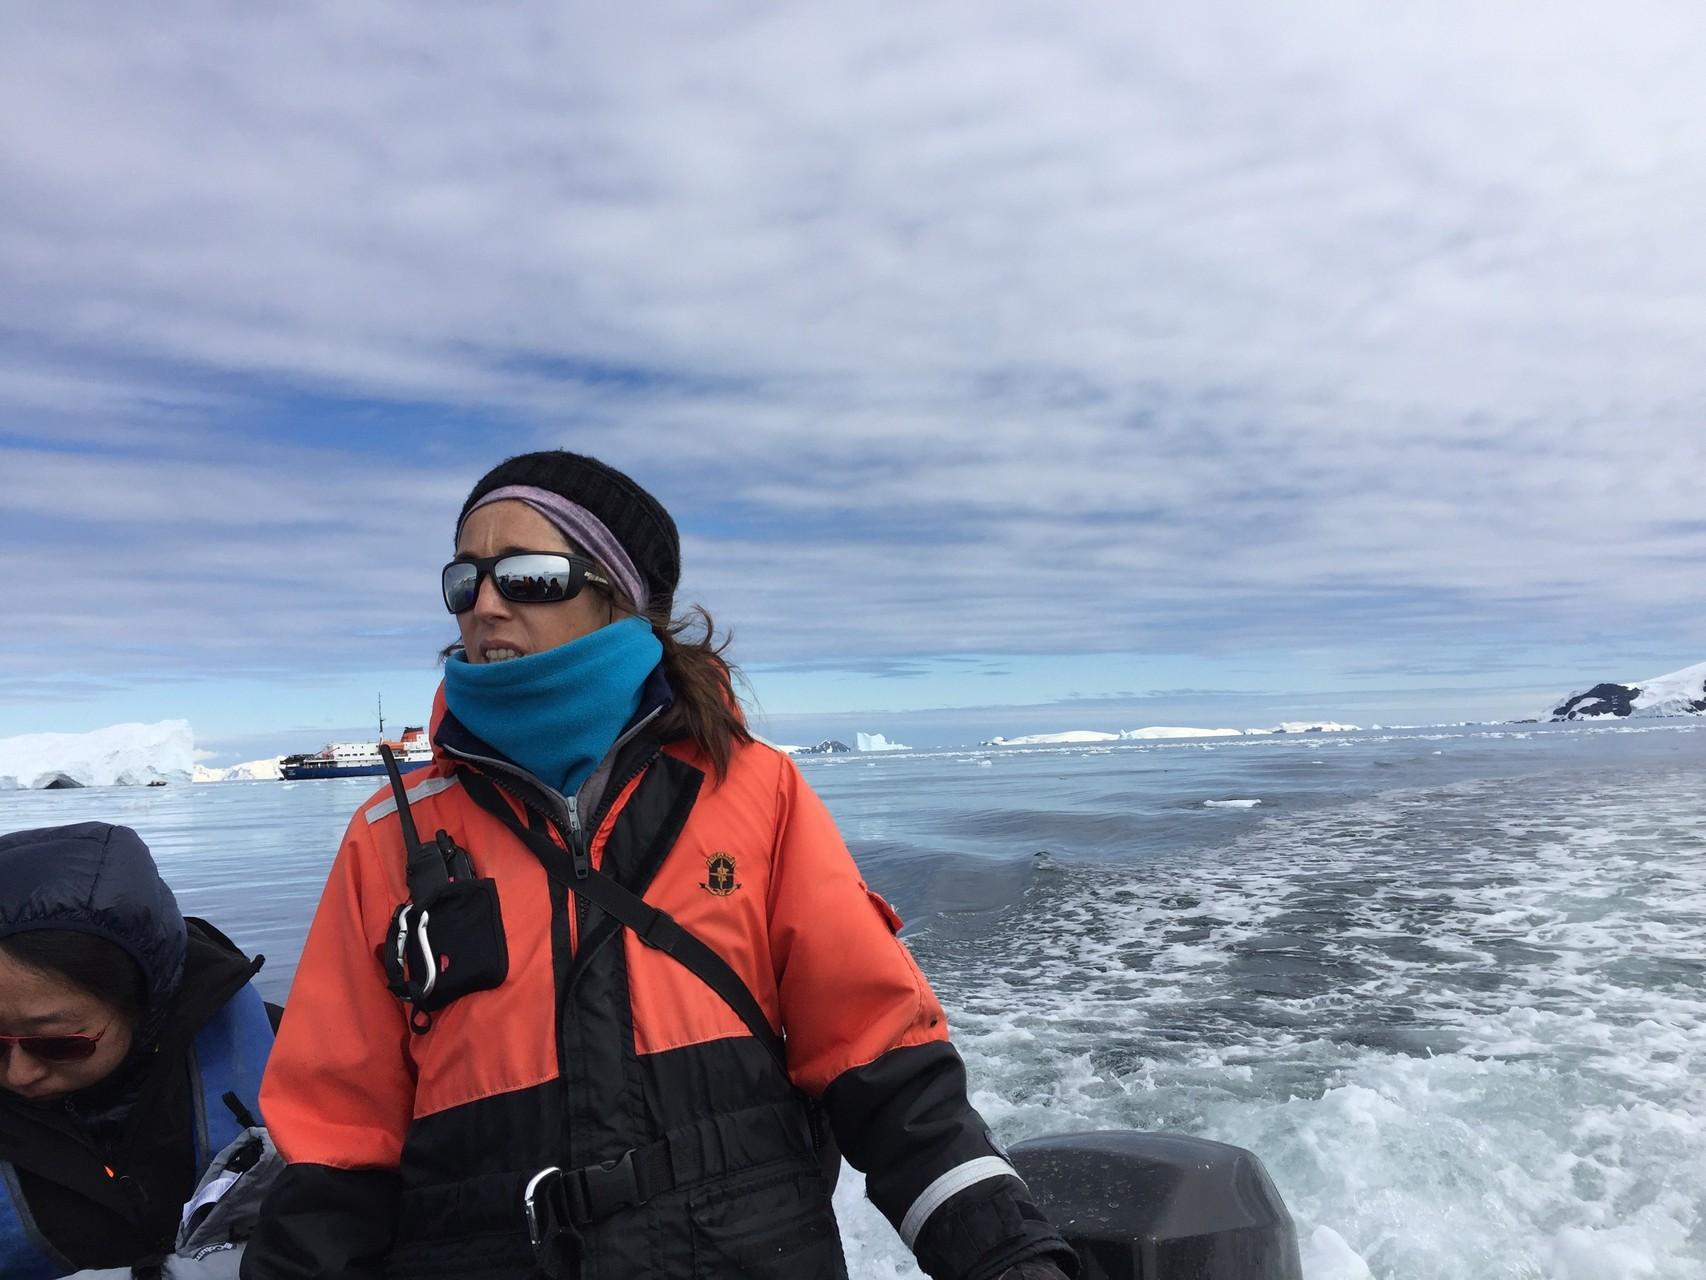 Zodiacfahrt mit Expeditionsleiterin im Cierva Cove